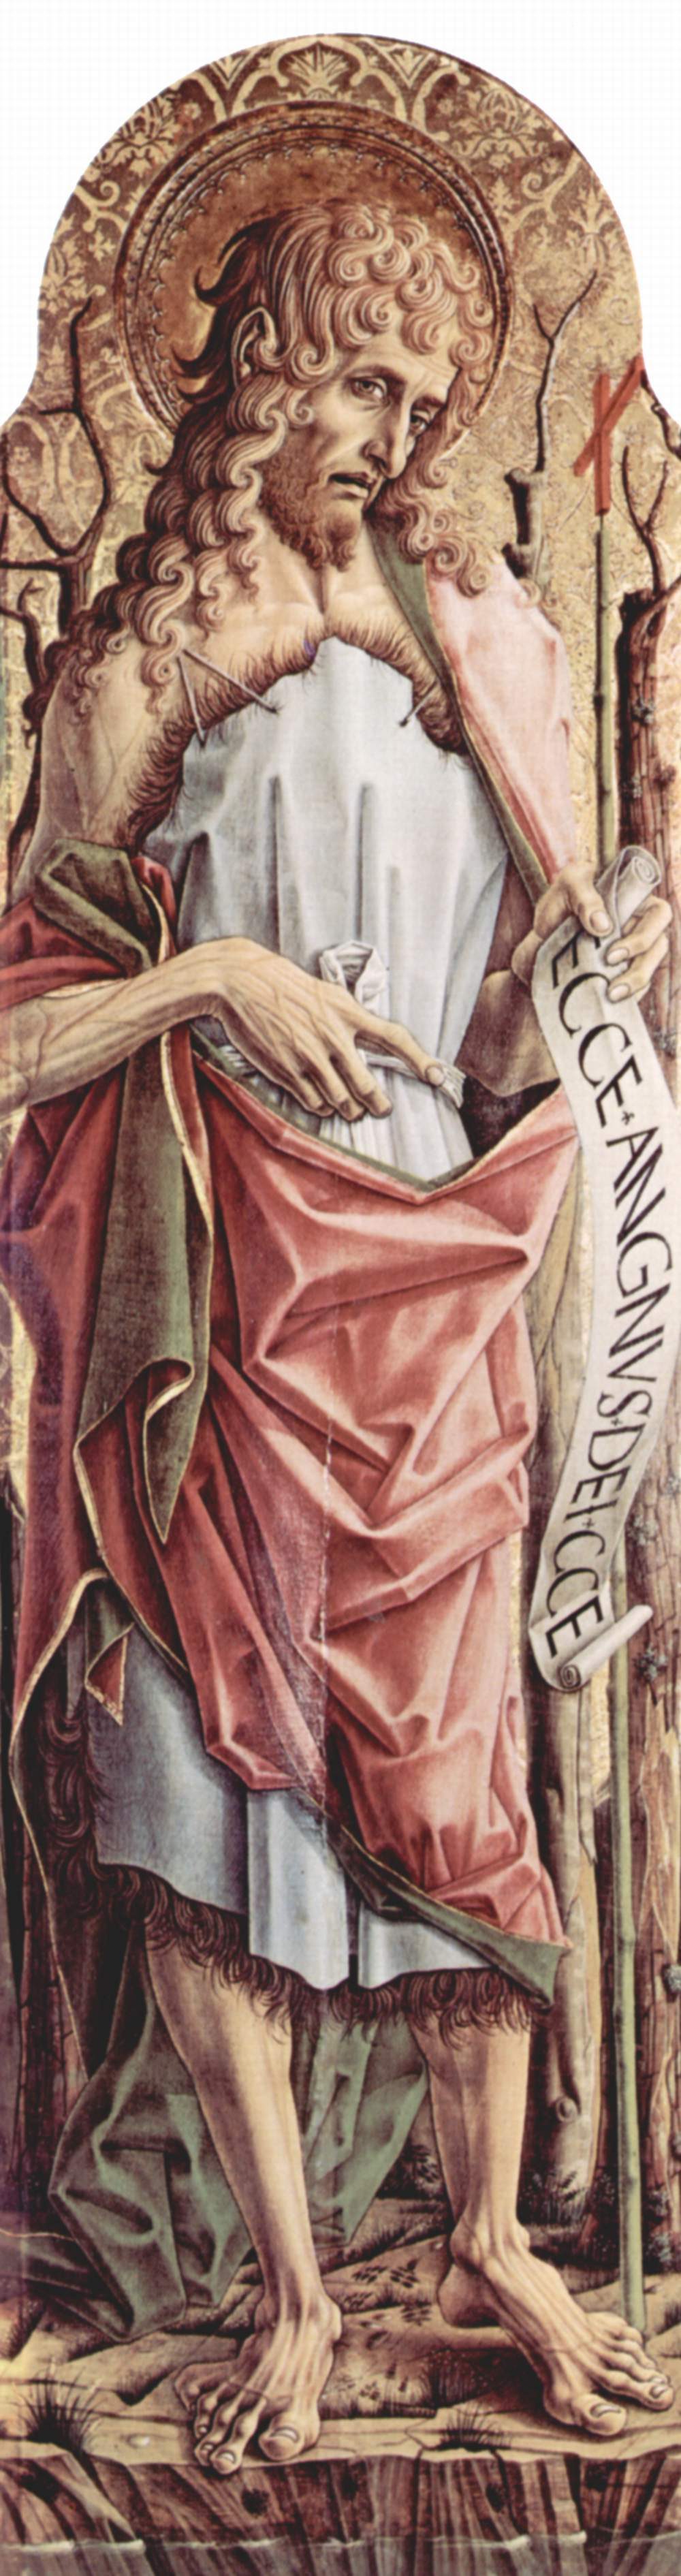 Центральный алтарь кафедрального собора в Асколи, полиптих, левая створка внутренняя сторона  Иоанн, Карло Кривелли